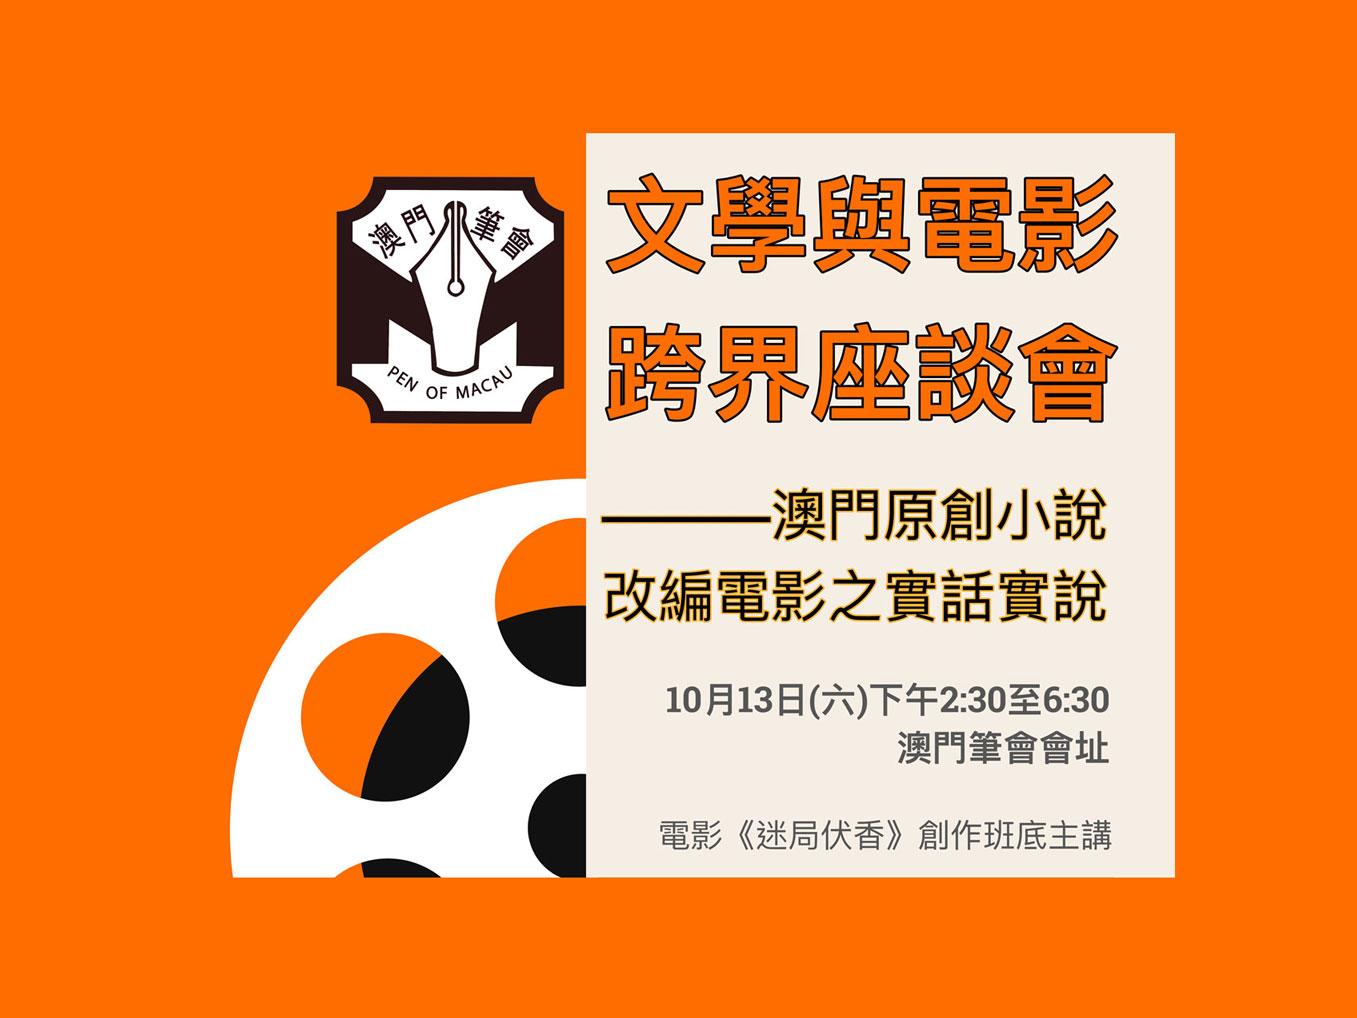 【报名】文学与电影跨界座谈会本周六举行